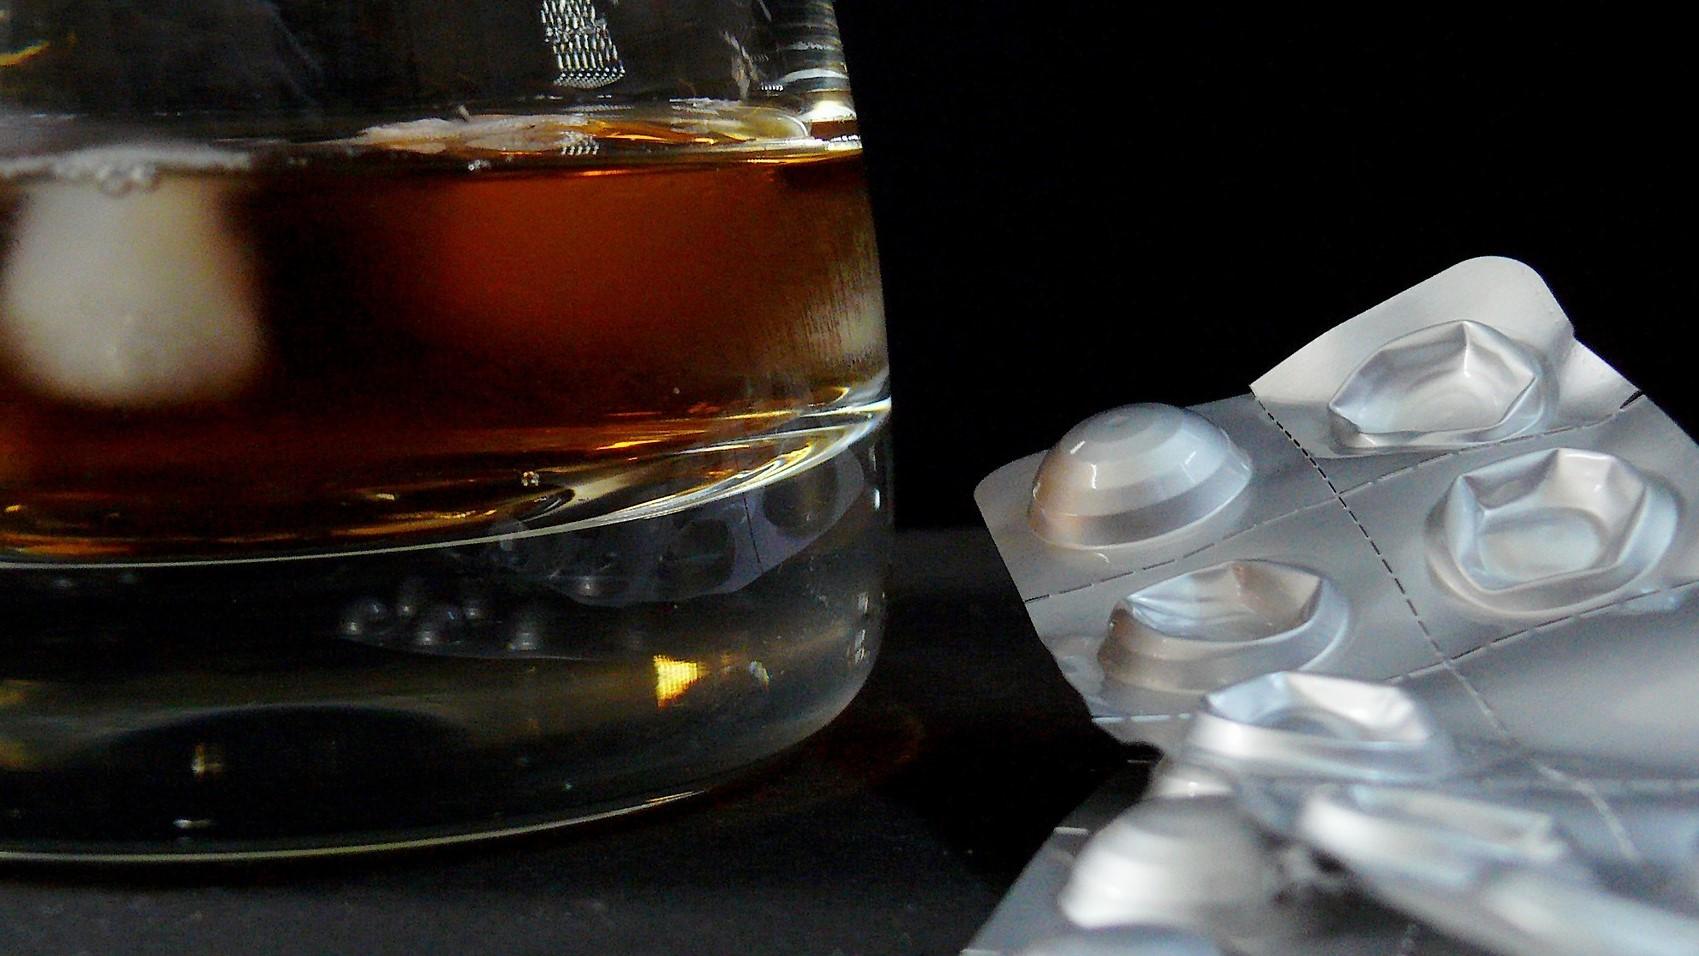 Addiction Statistics - Featured Image